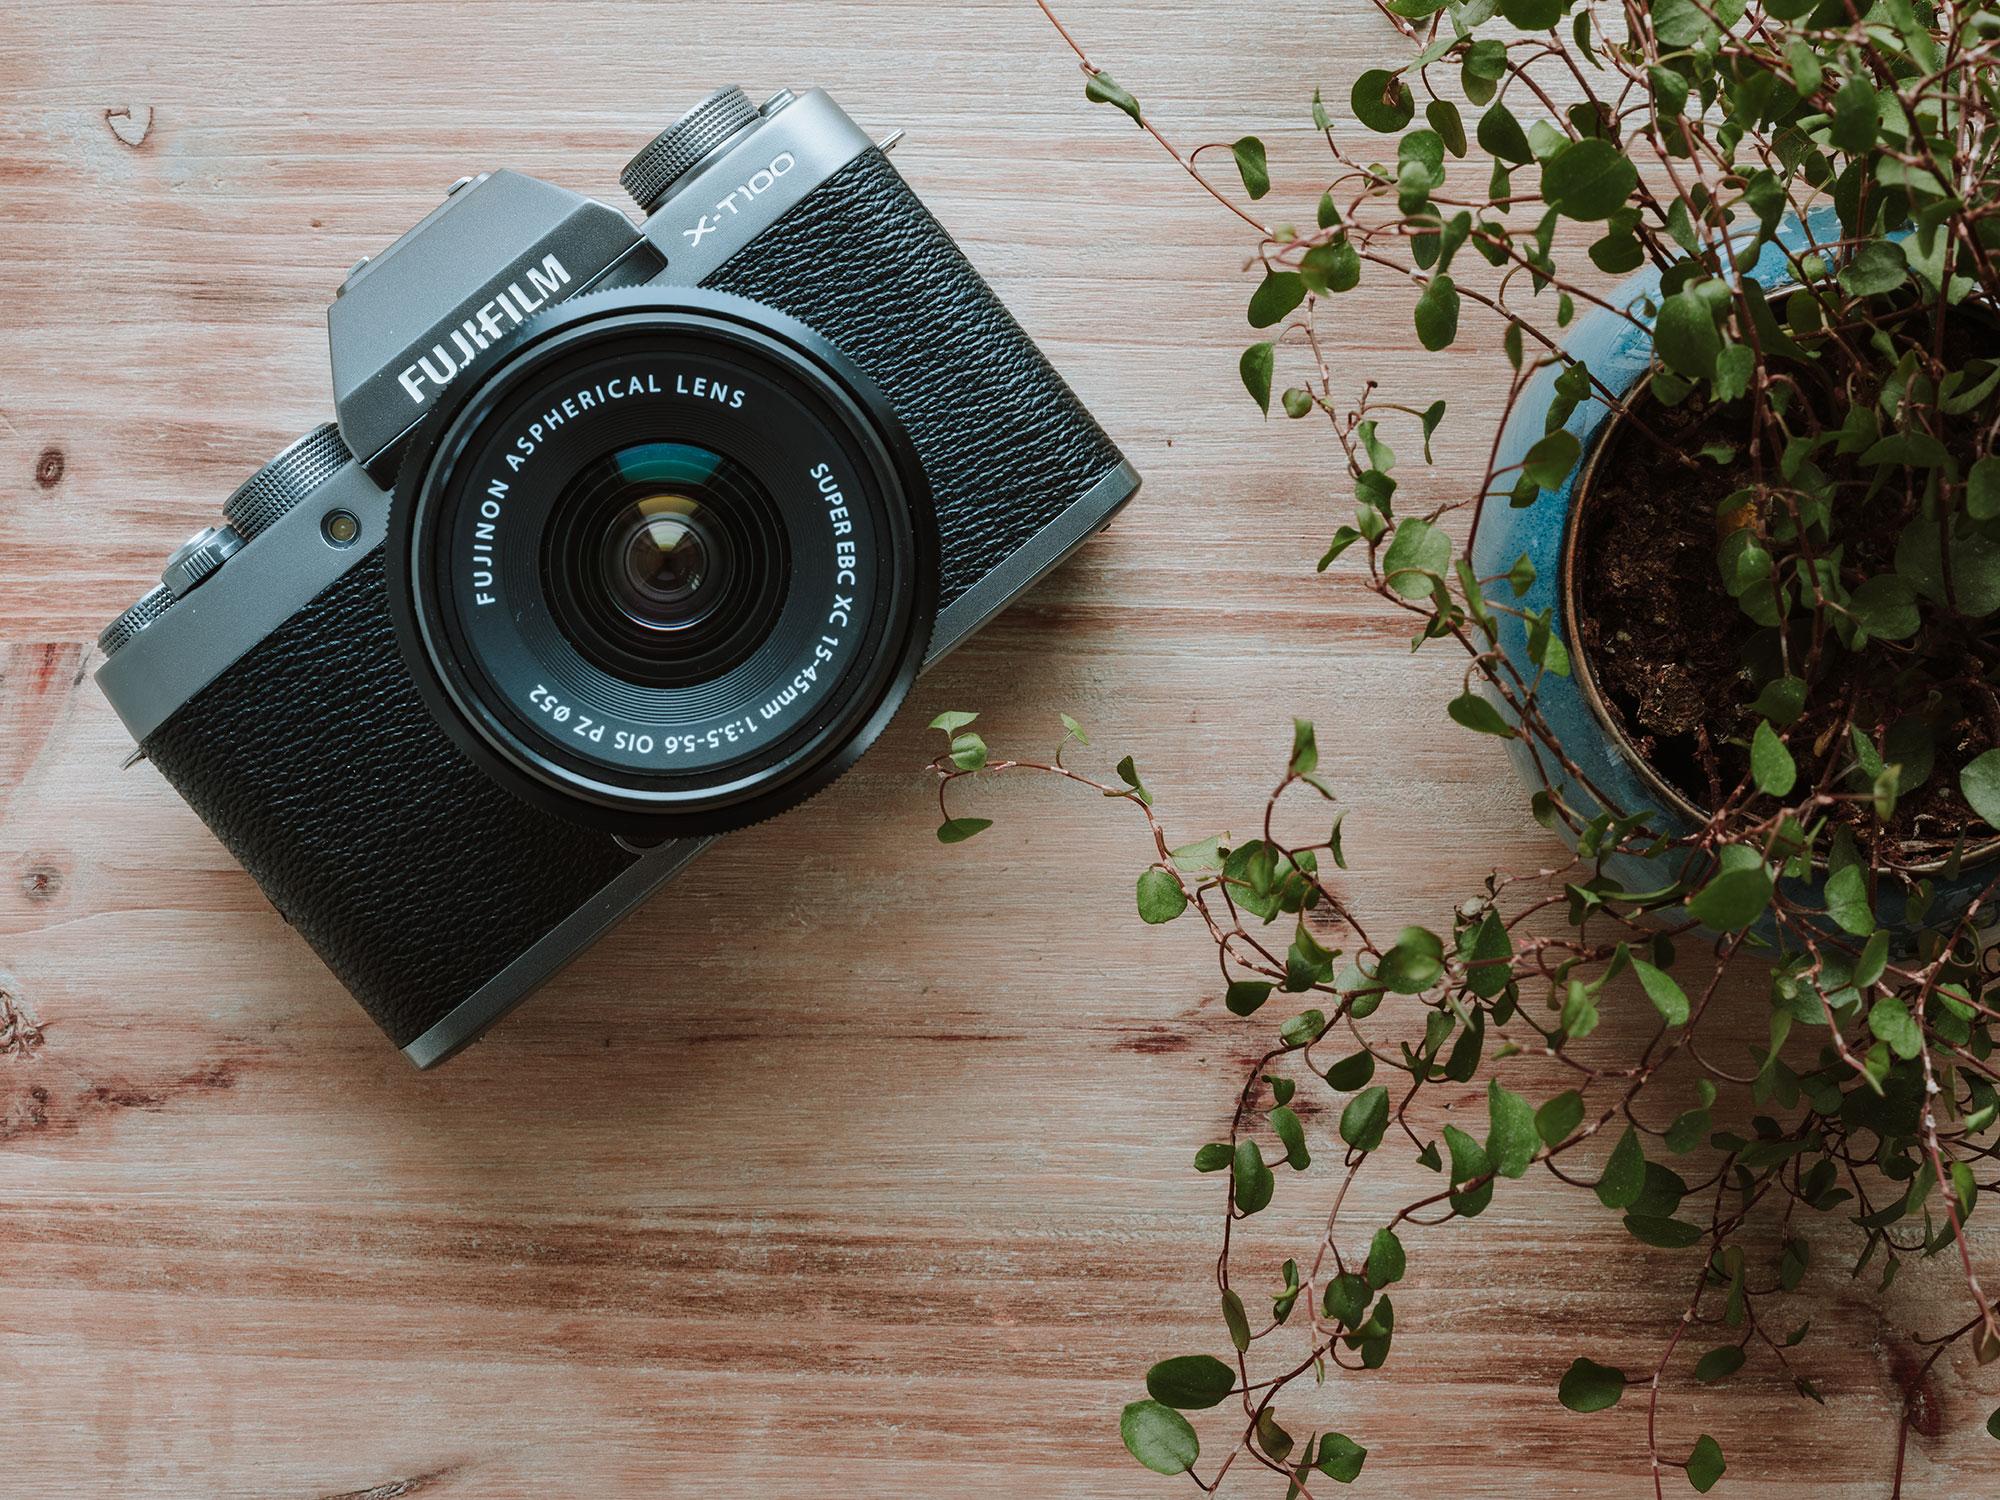 S30 Nikon Camera Review